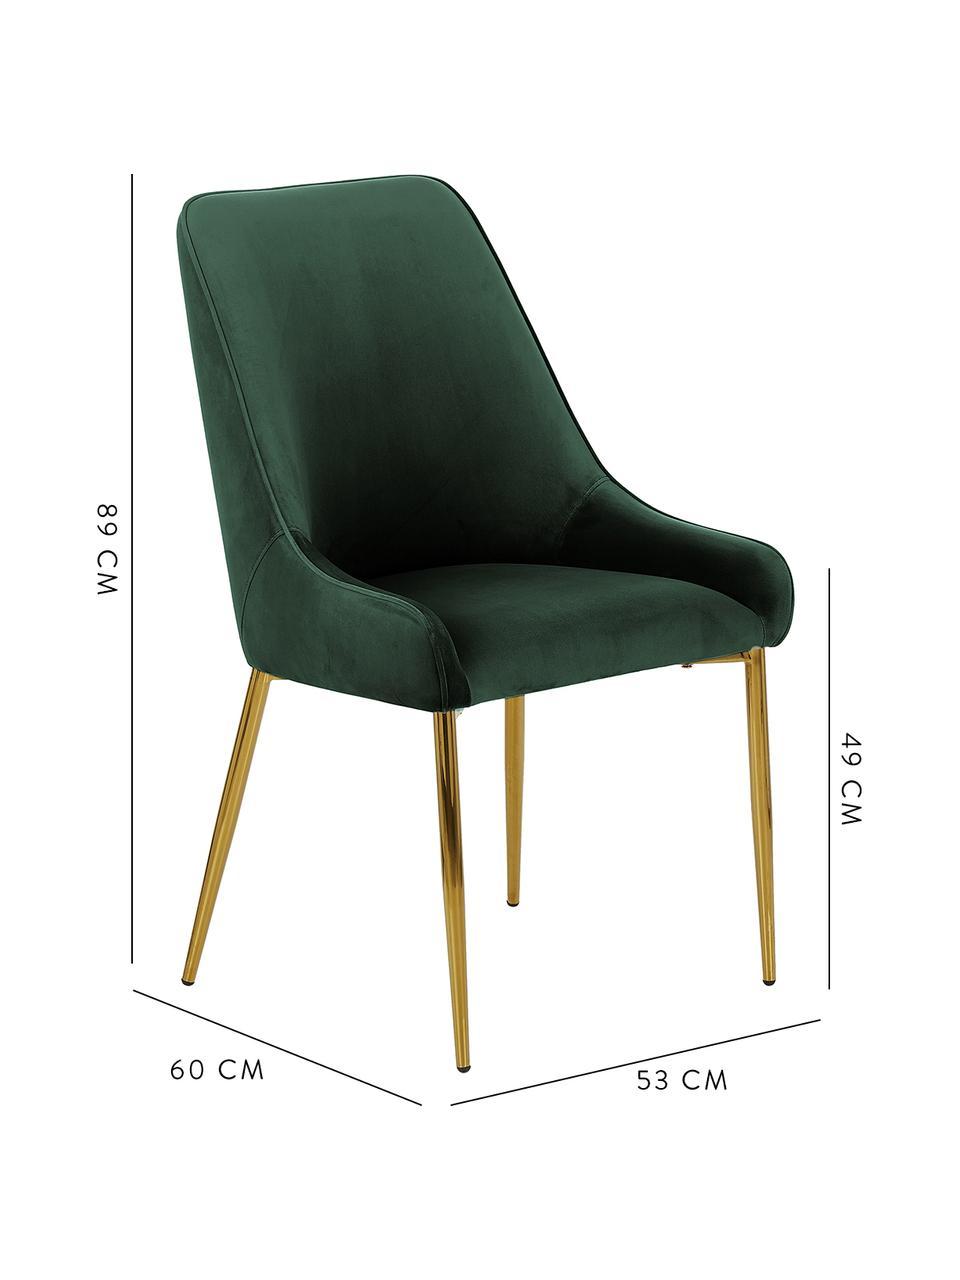 Samt-Polsterstuhl Ava mit goldfarbenen Beinen, Bezug: Samt (100% Polyester) Der, Beine: Metall, galvanisiert, Samt Dunkelgrün, B 53 x T 60 cm